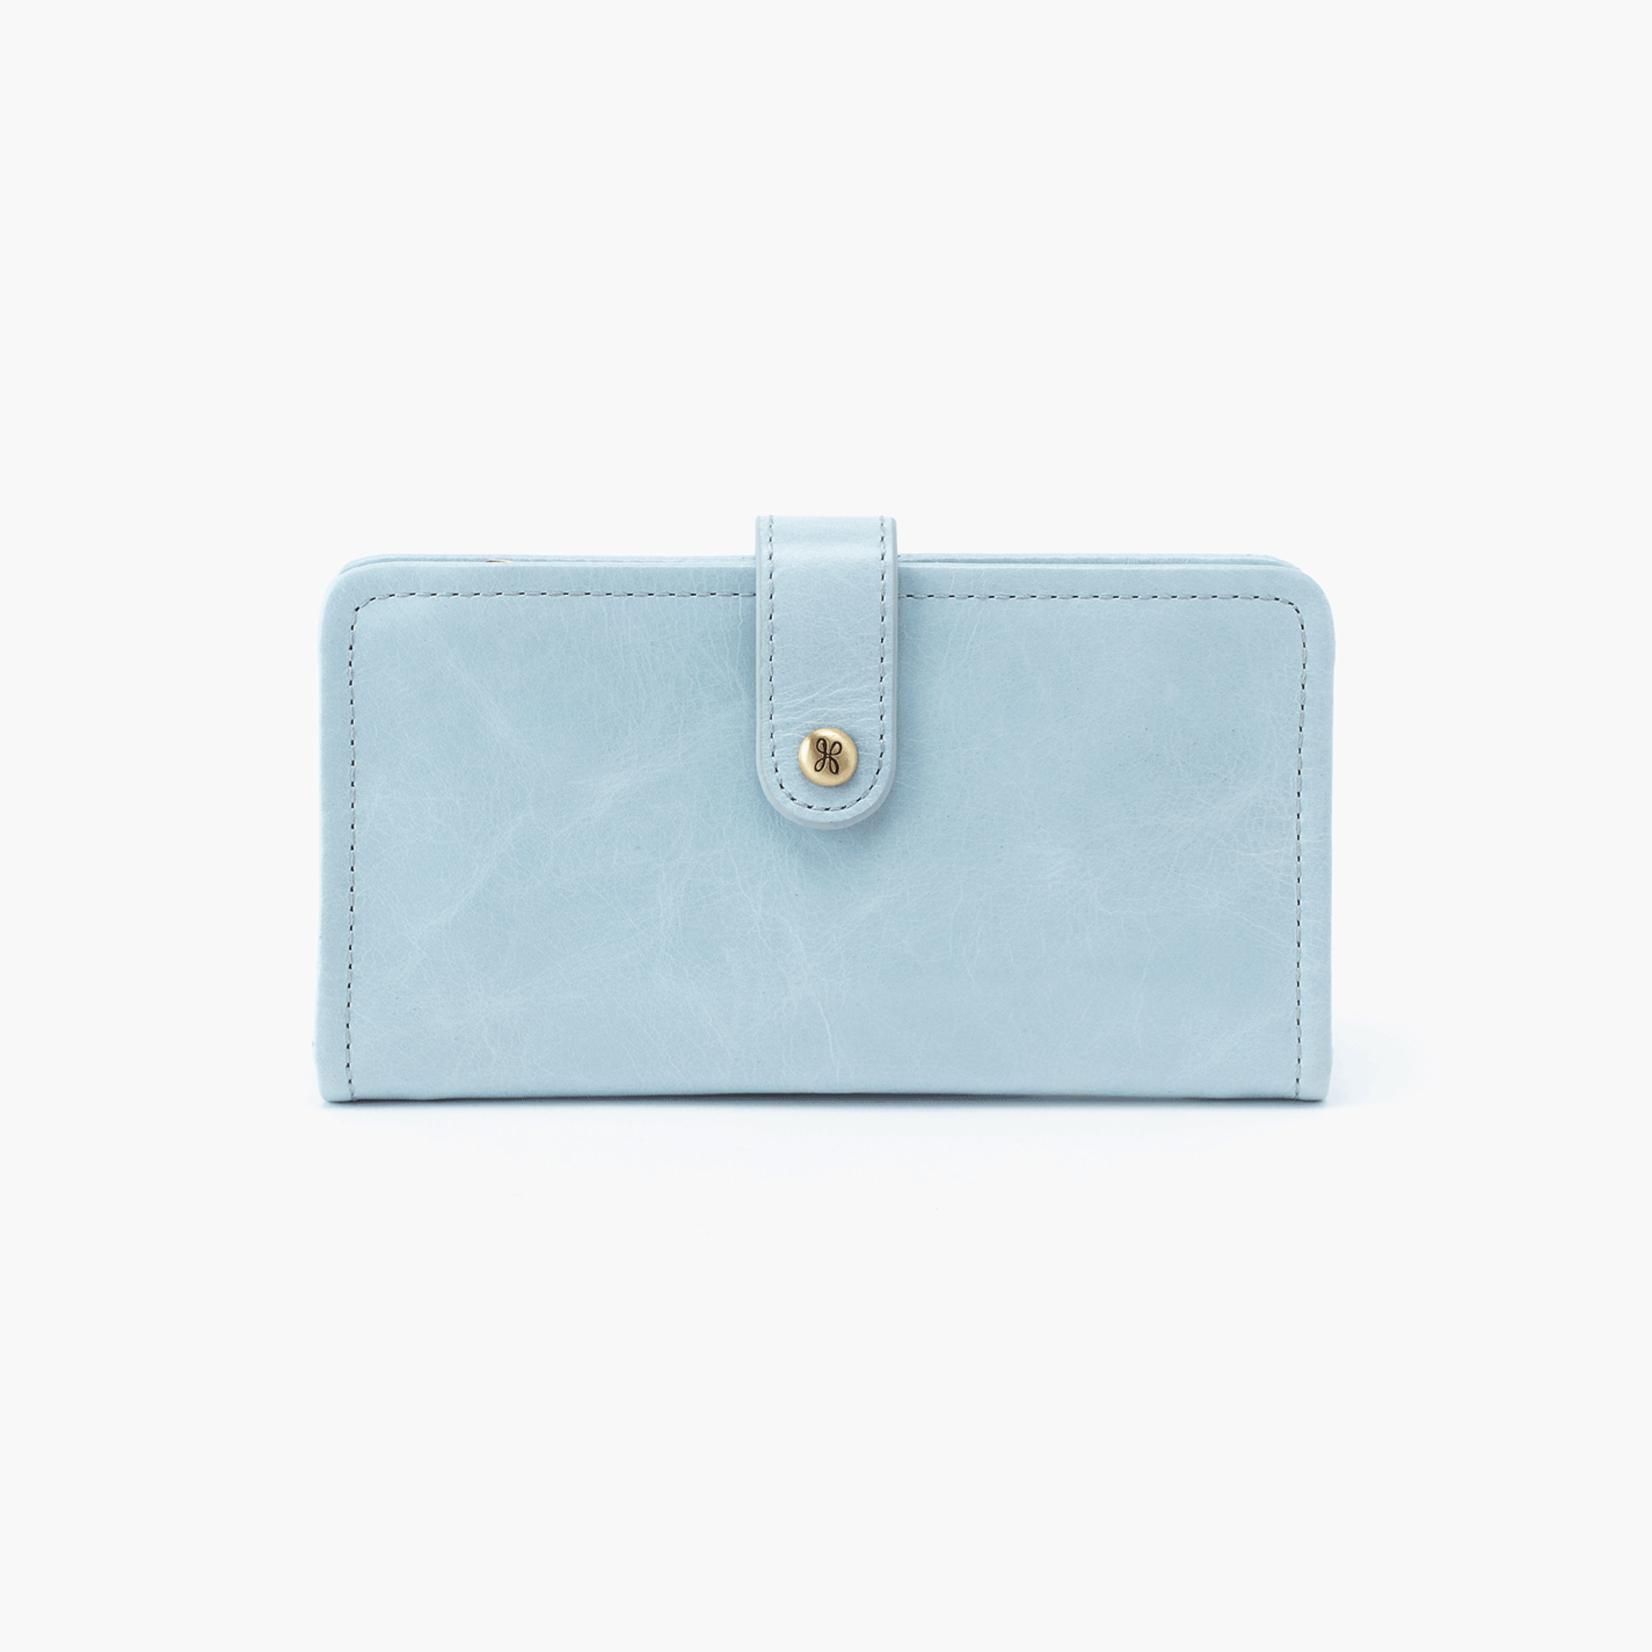 HOBO Torch Whisper Blue Vintage Hide Wallet